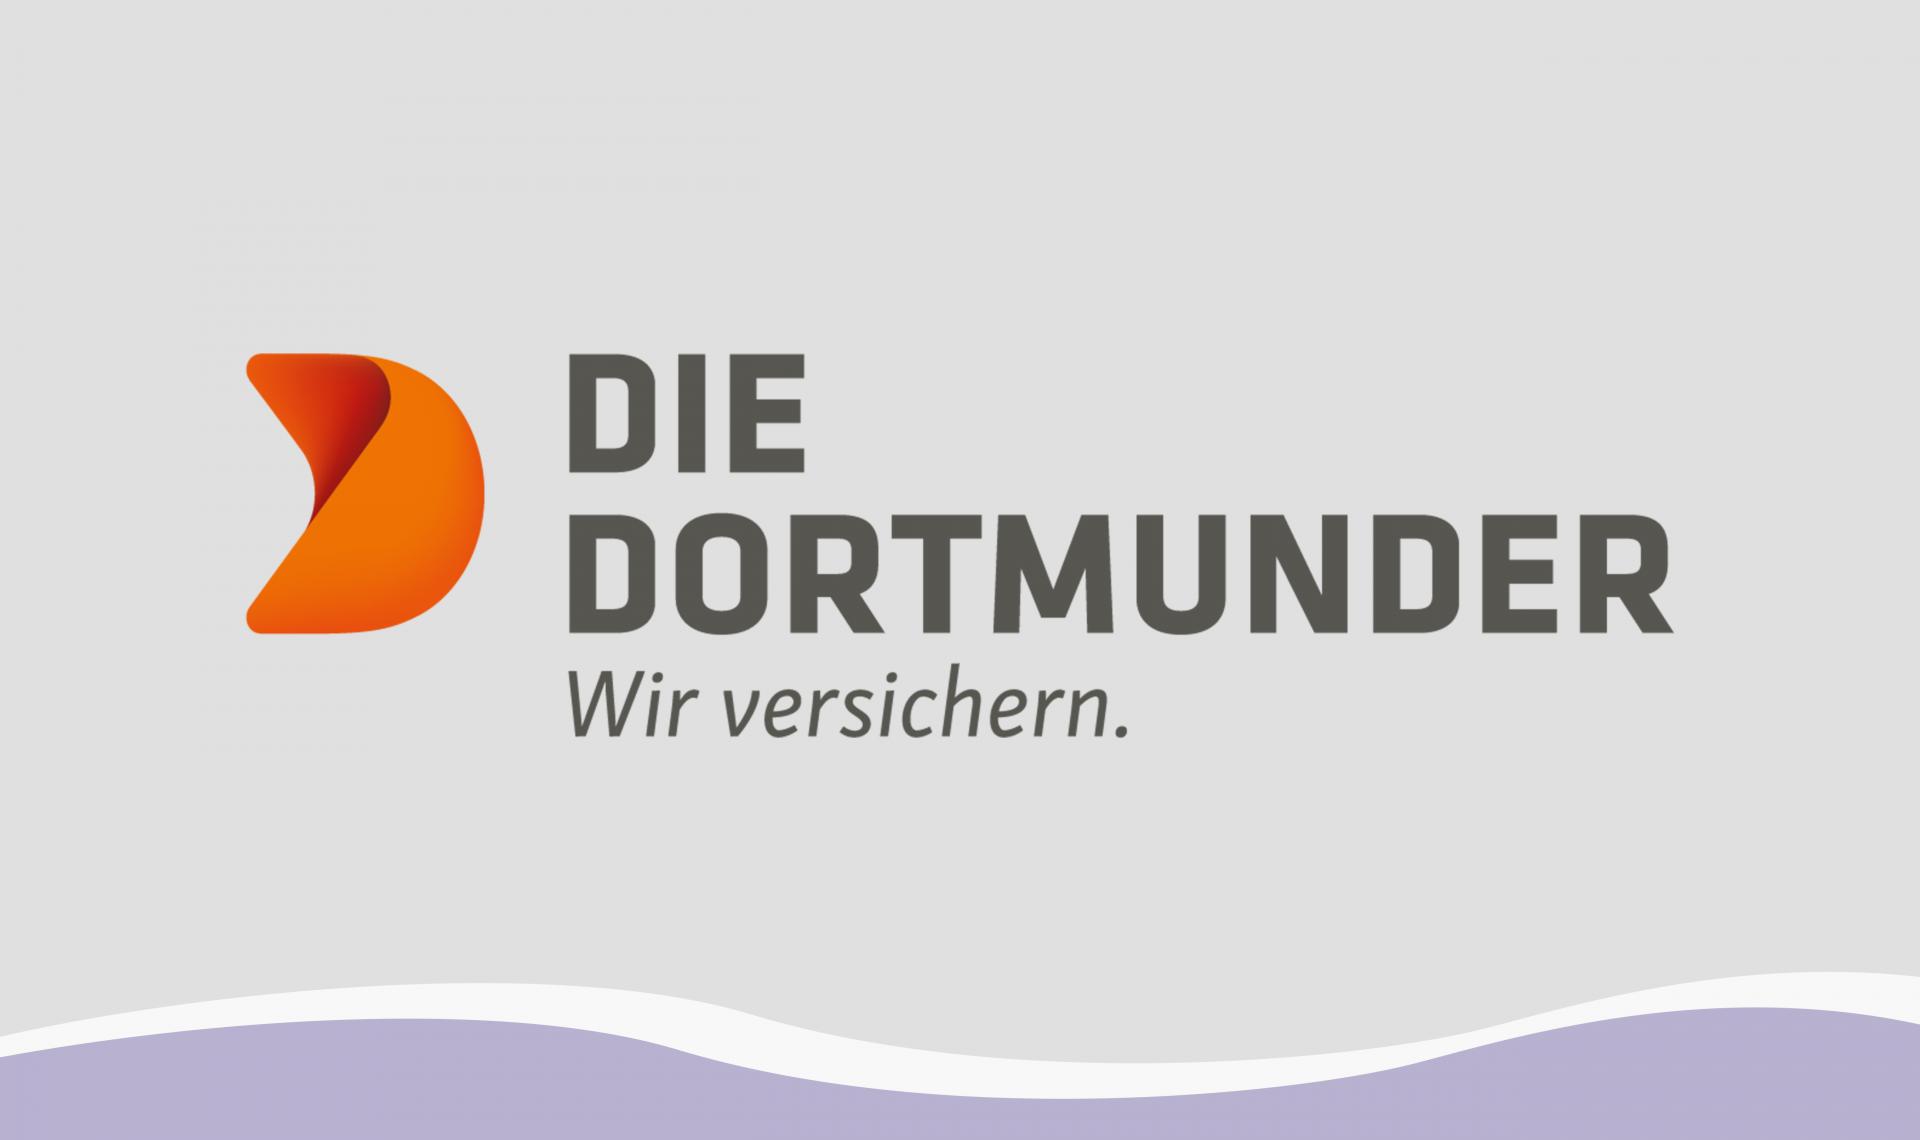 Die Dortmunder Logo, Kachel